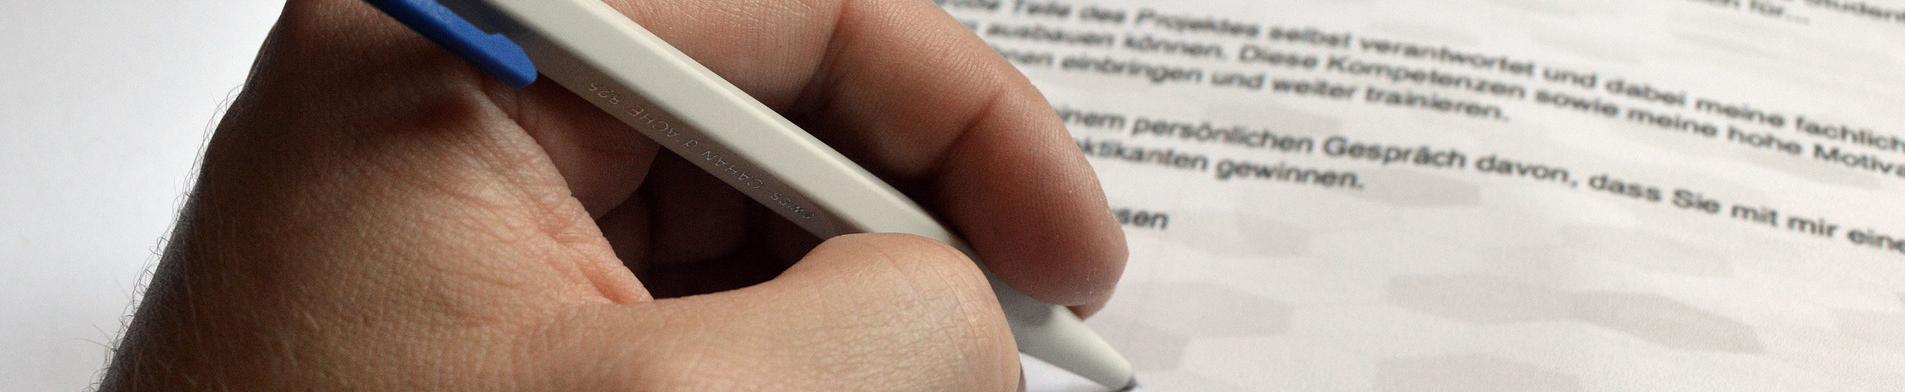 Schrijven van sollicitatiebrief met pen